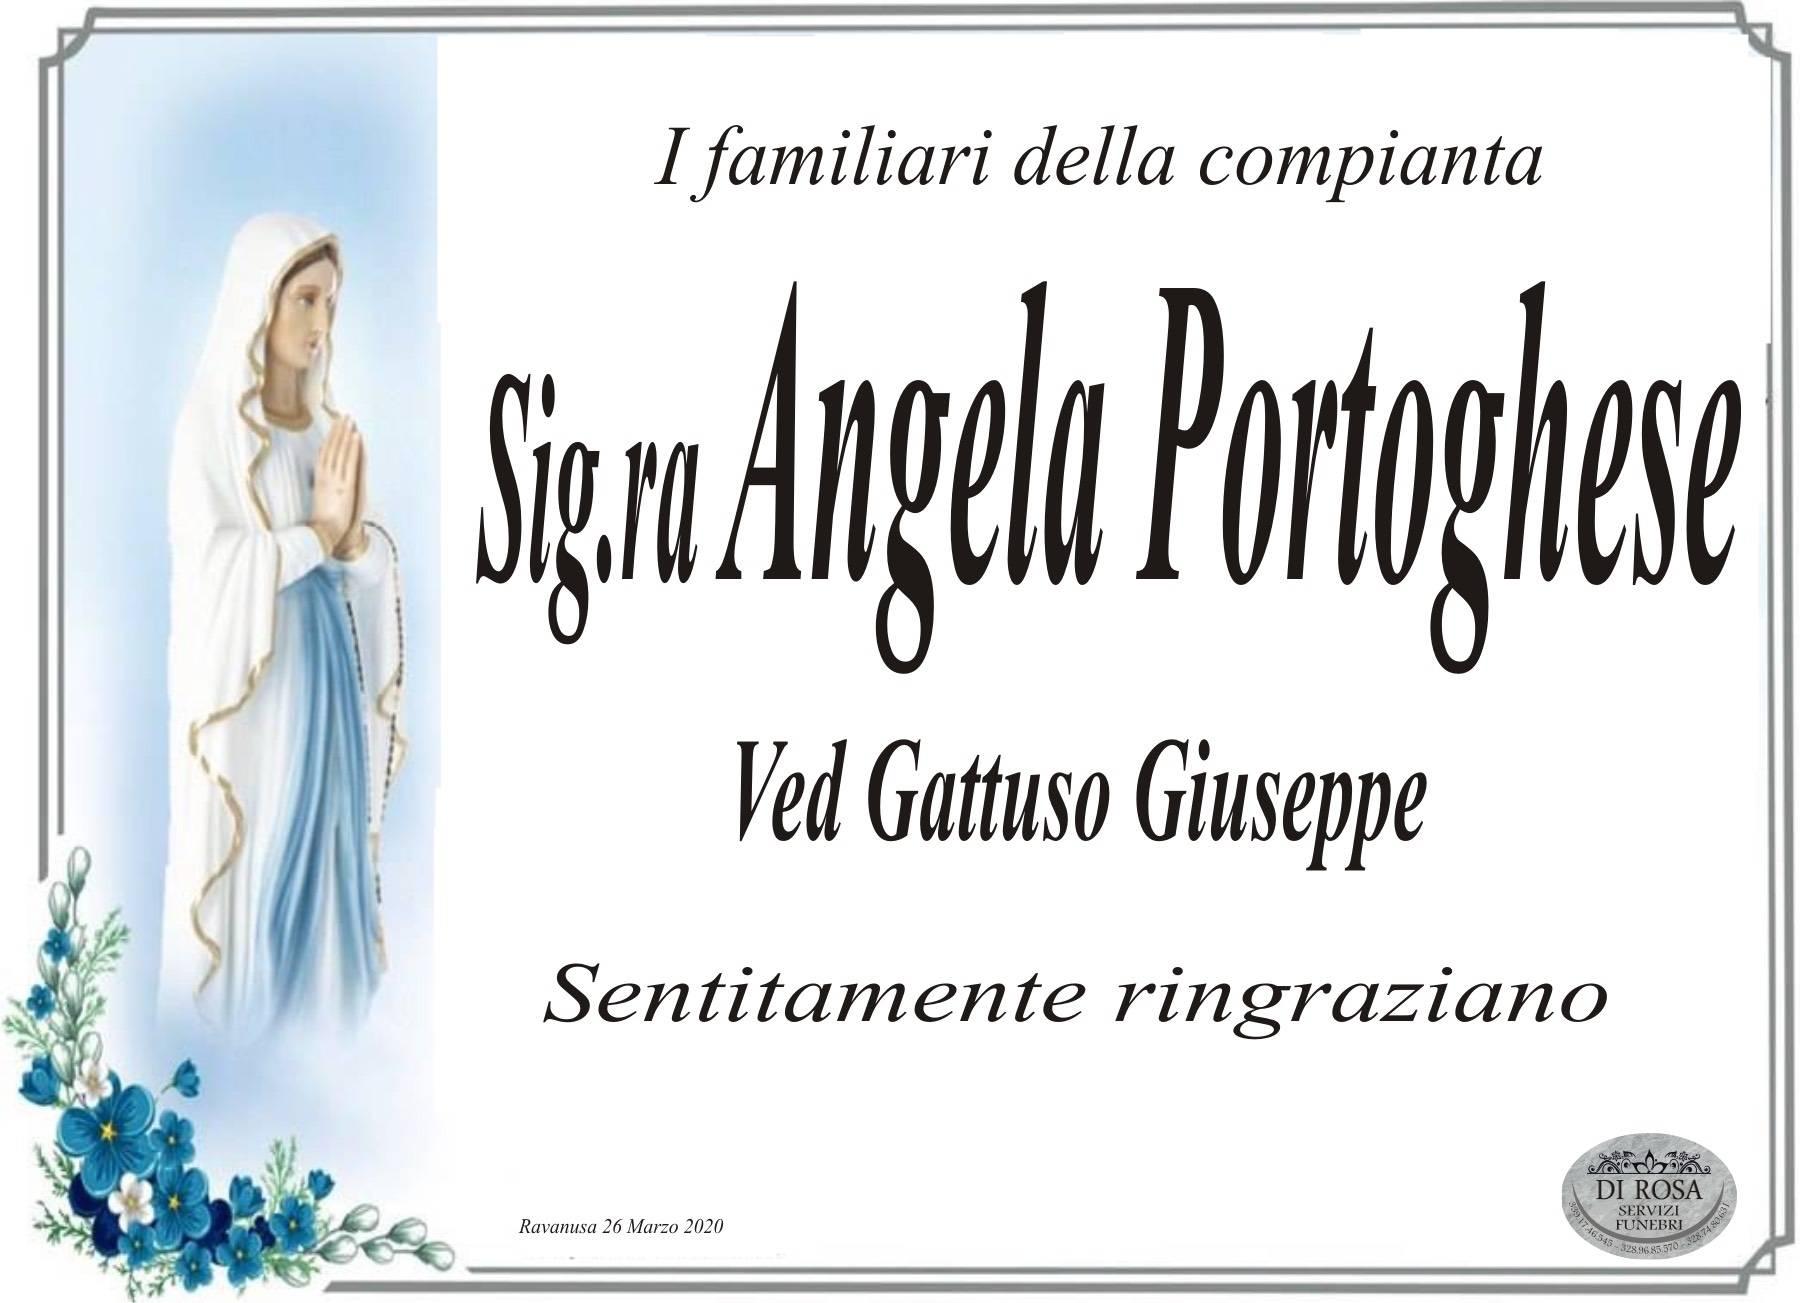 Angela Portoghese